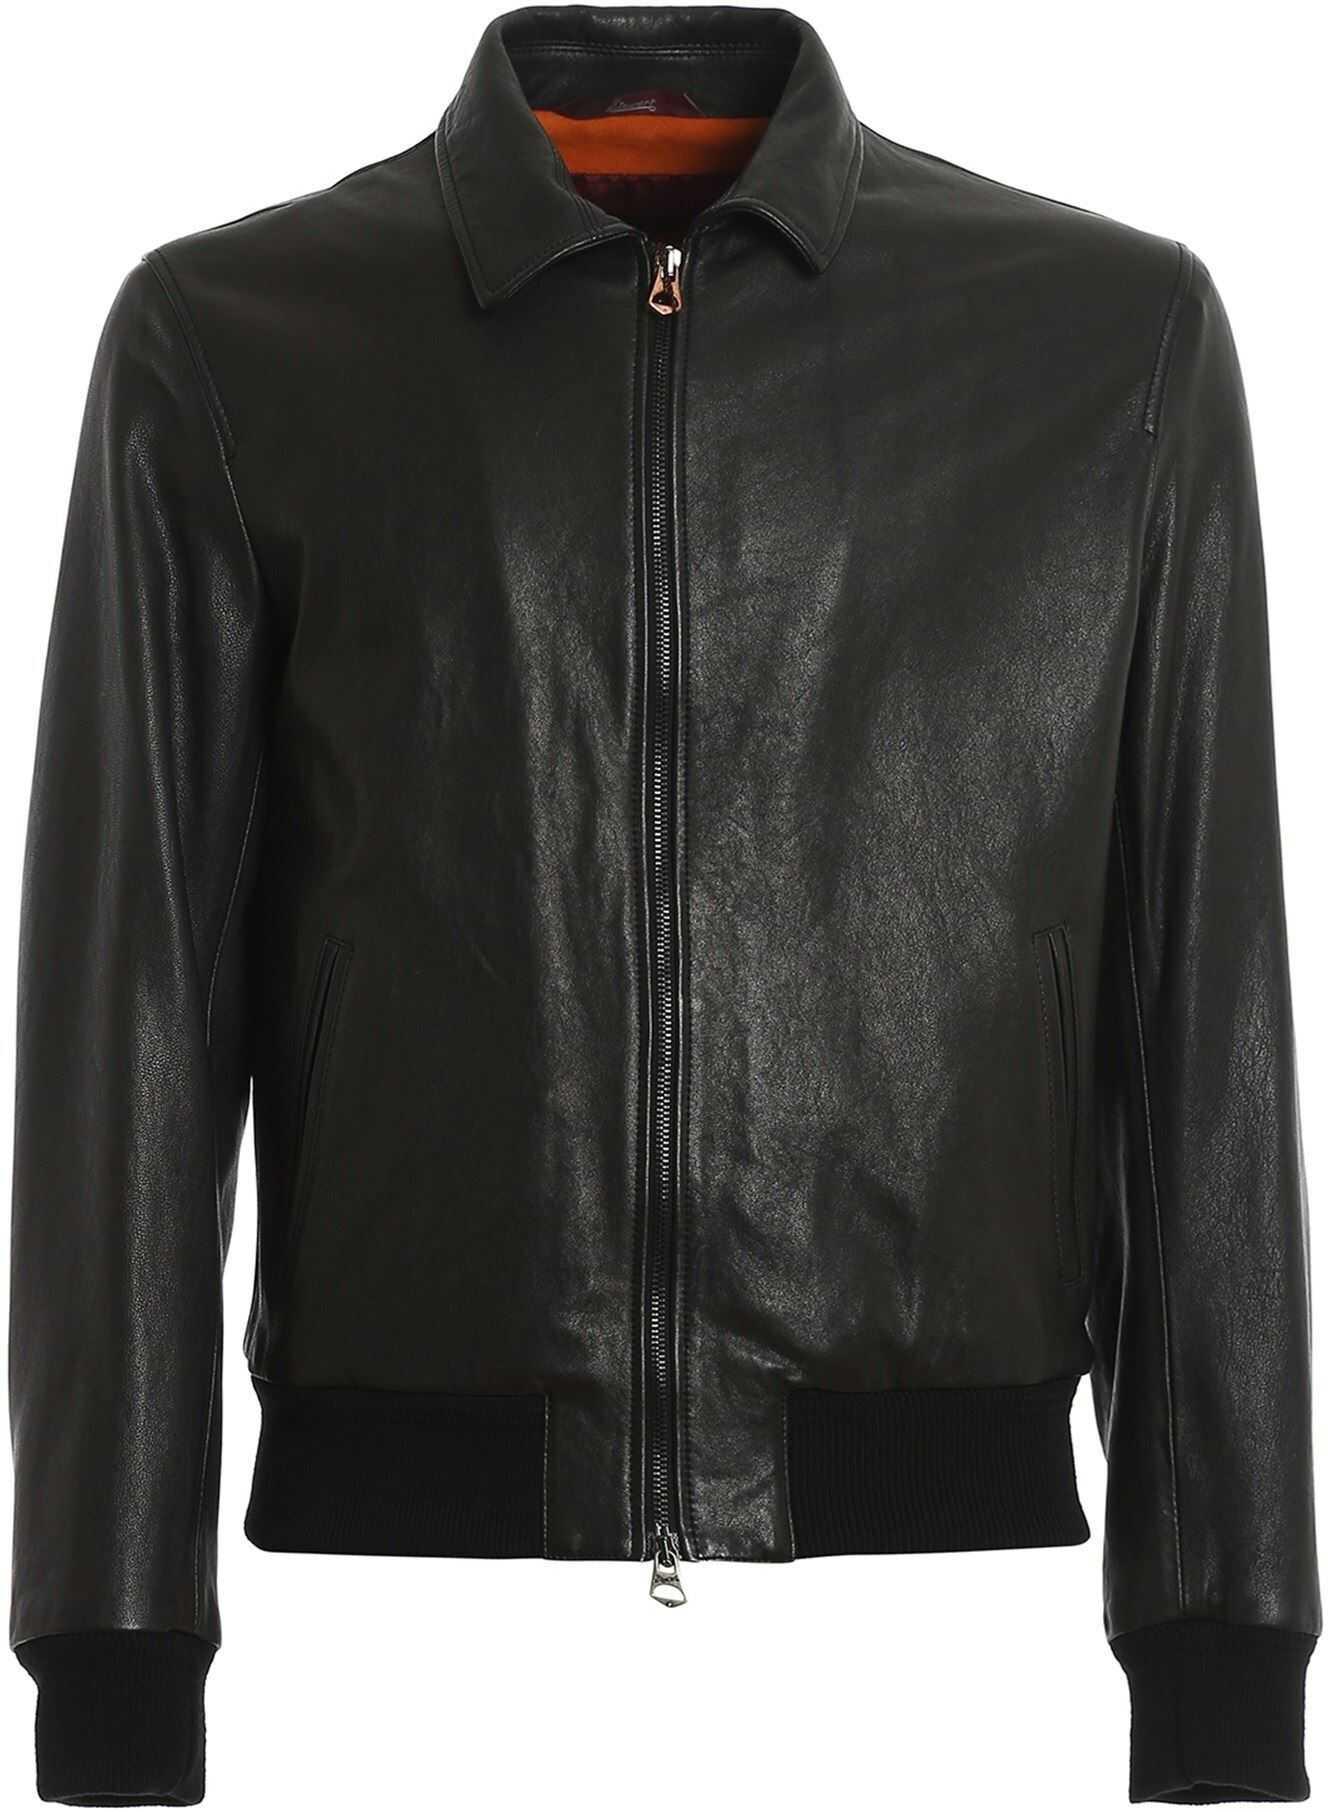 Stewart Salinger Padded Leather Jacket In Black Black imagine